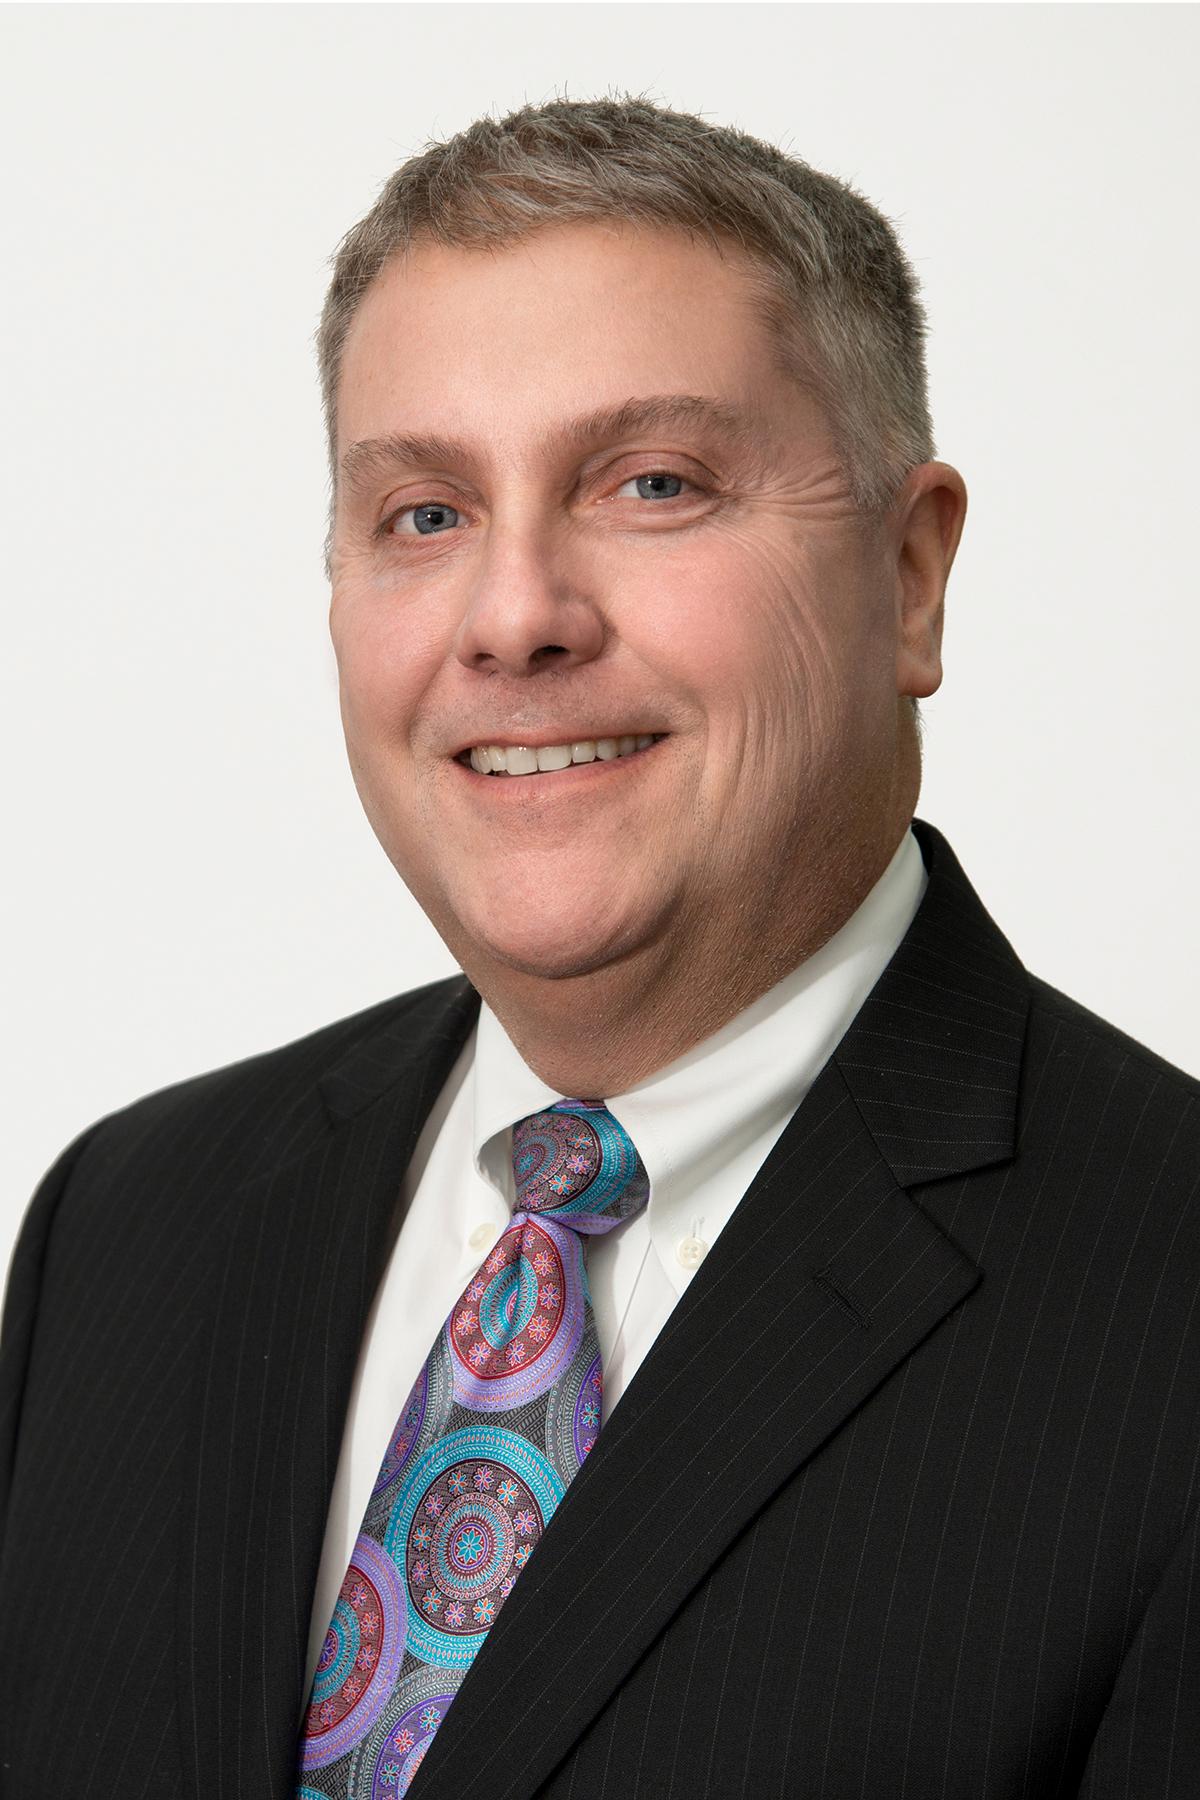 Dr. Glen Graves